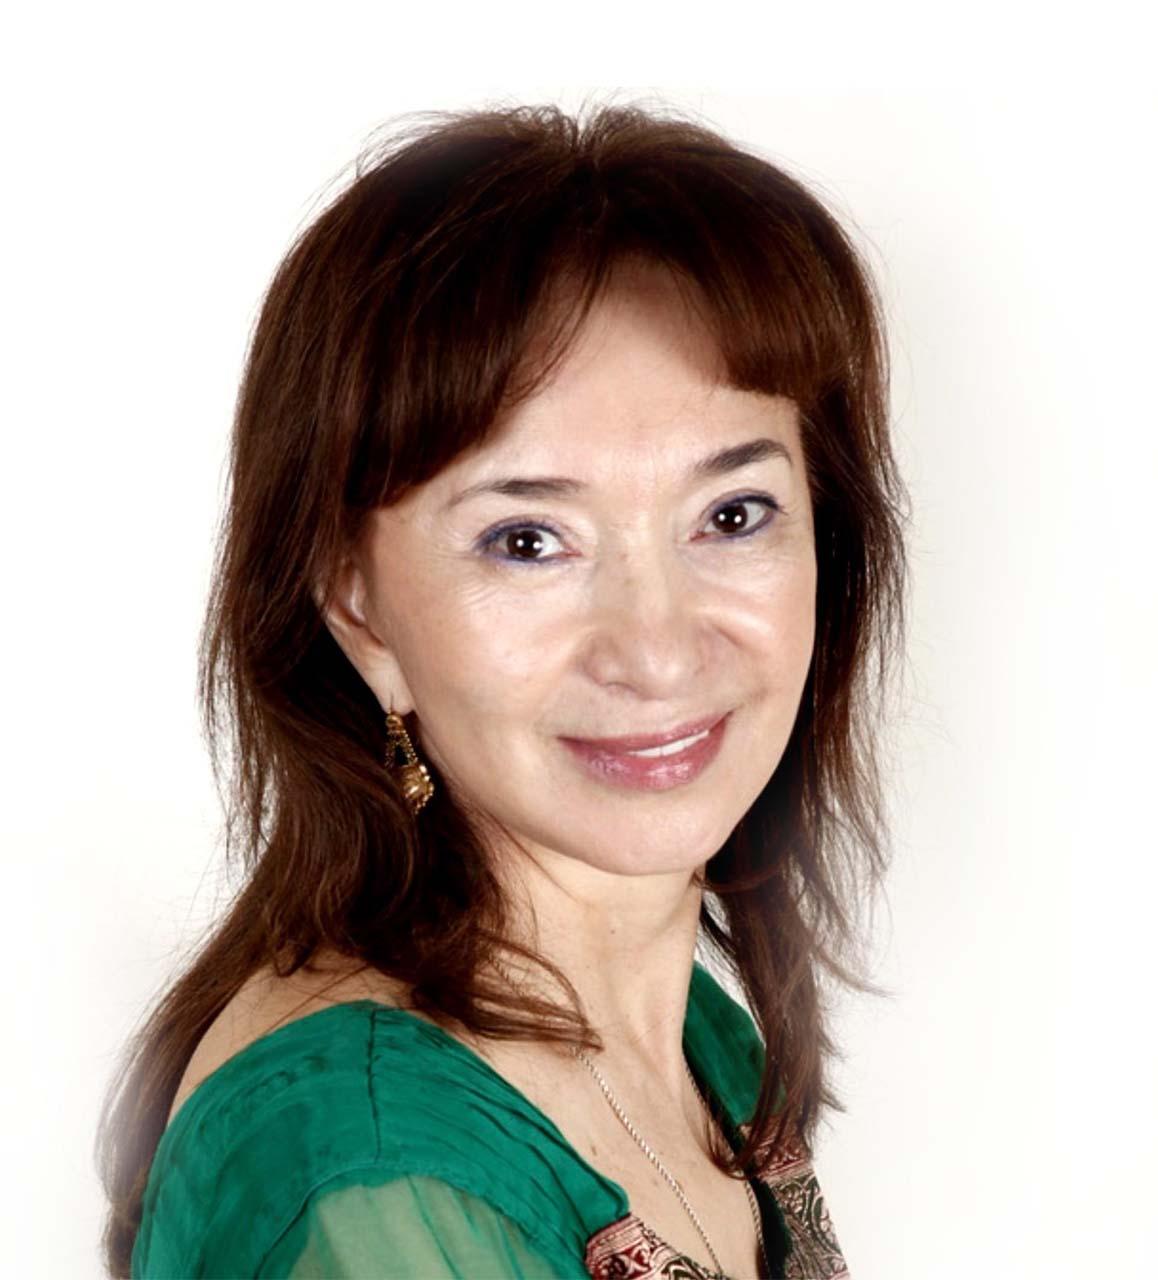 Лола Юсуповна Шарма Ходжаева